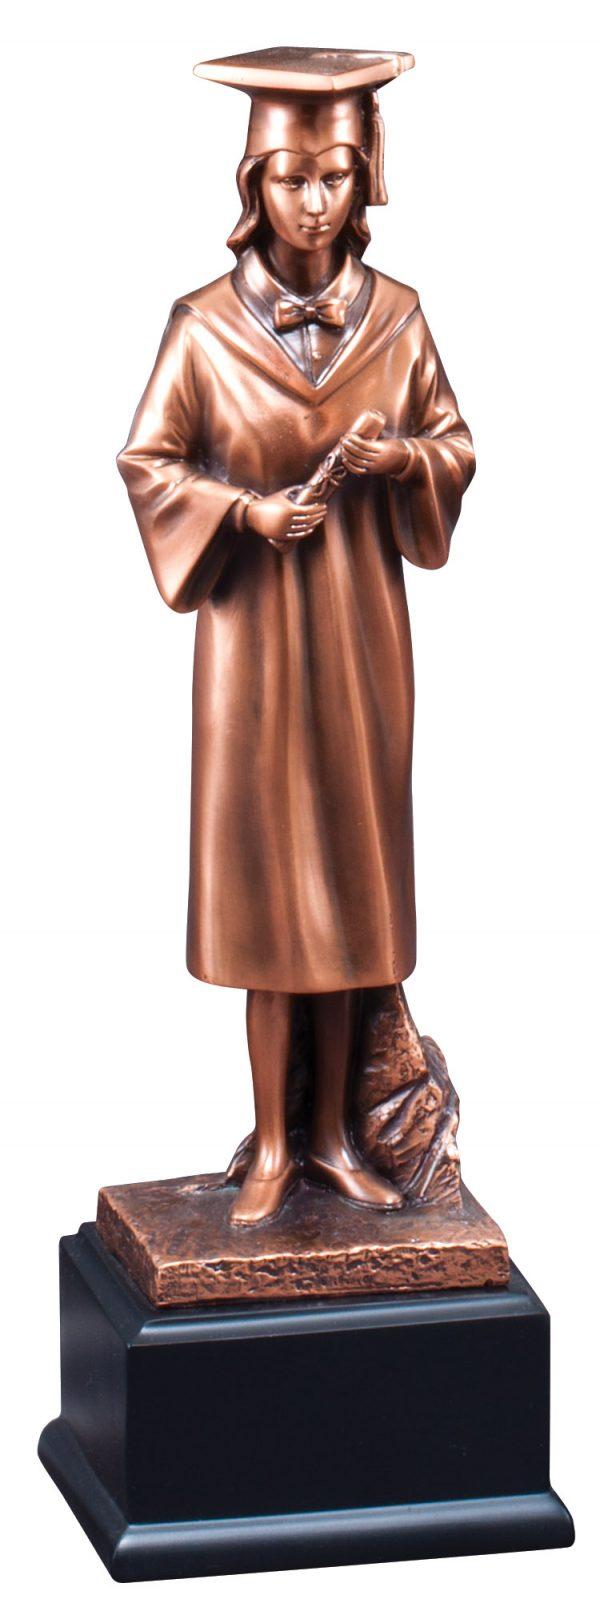 12 inch female graduate sculpture - RFB260